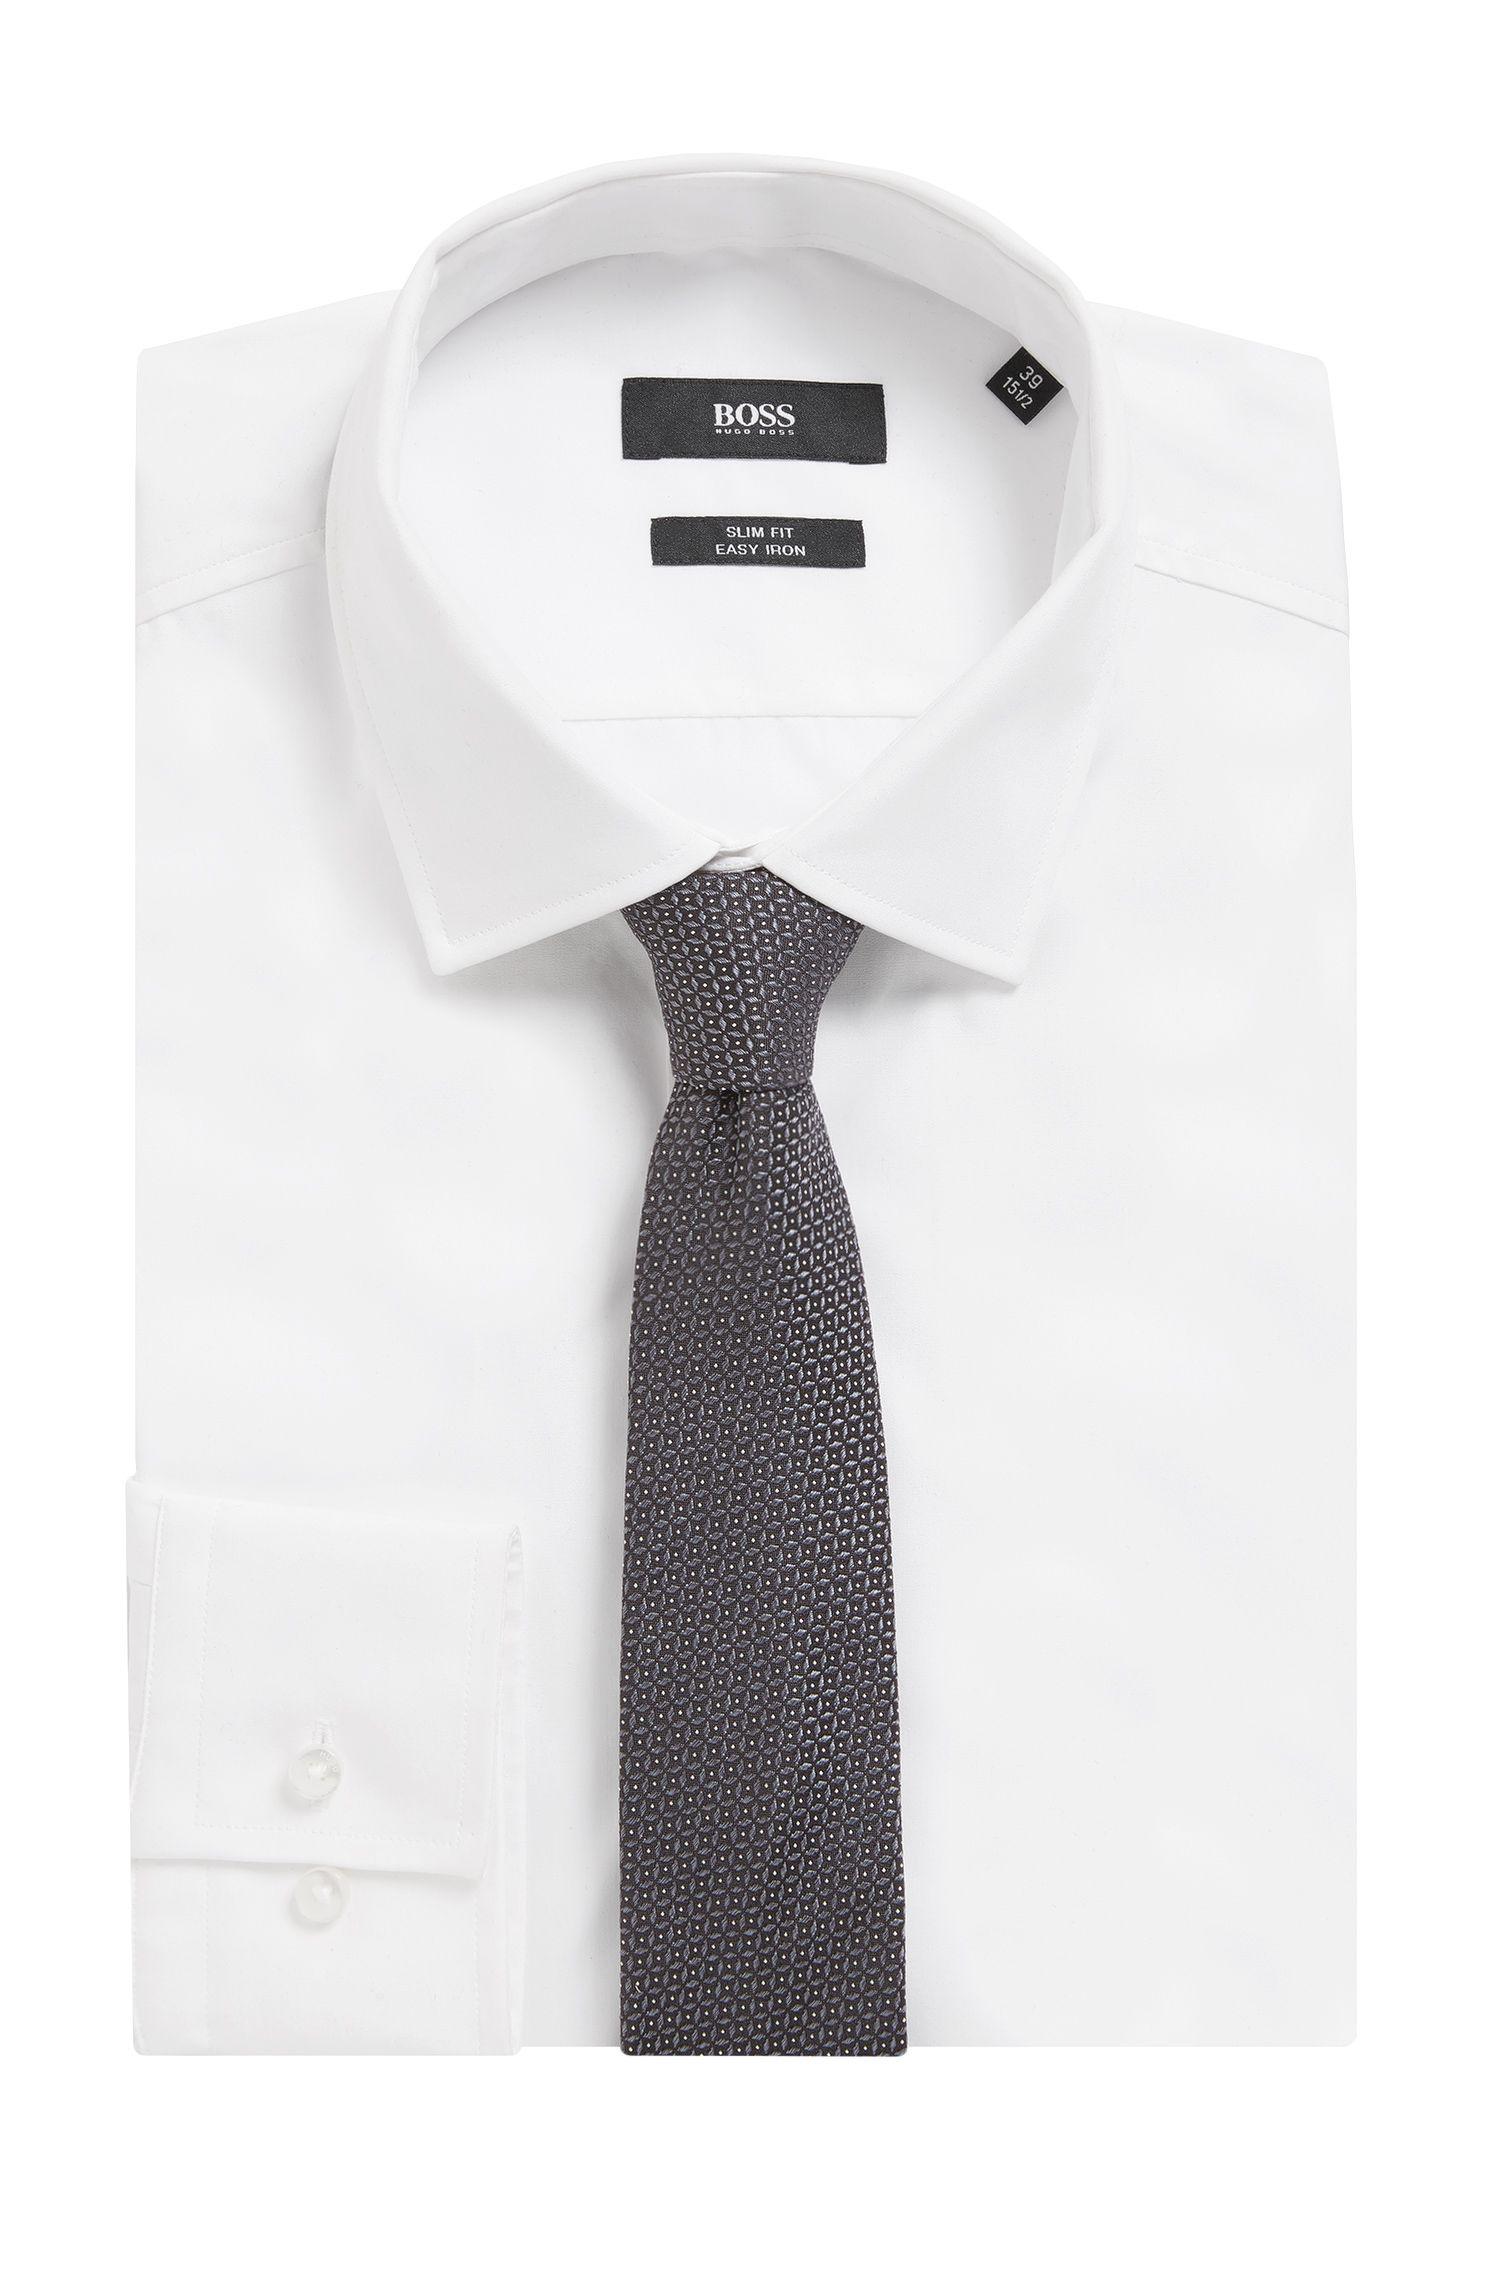 Cravatta in jacquard di seta con microdisegni